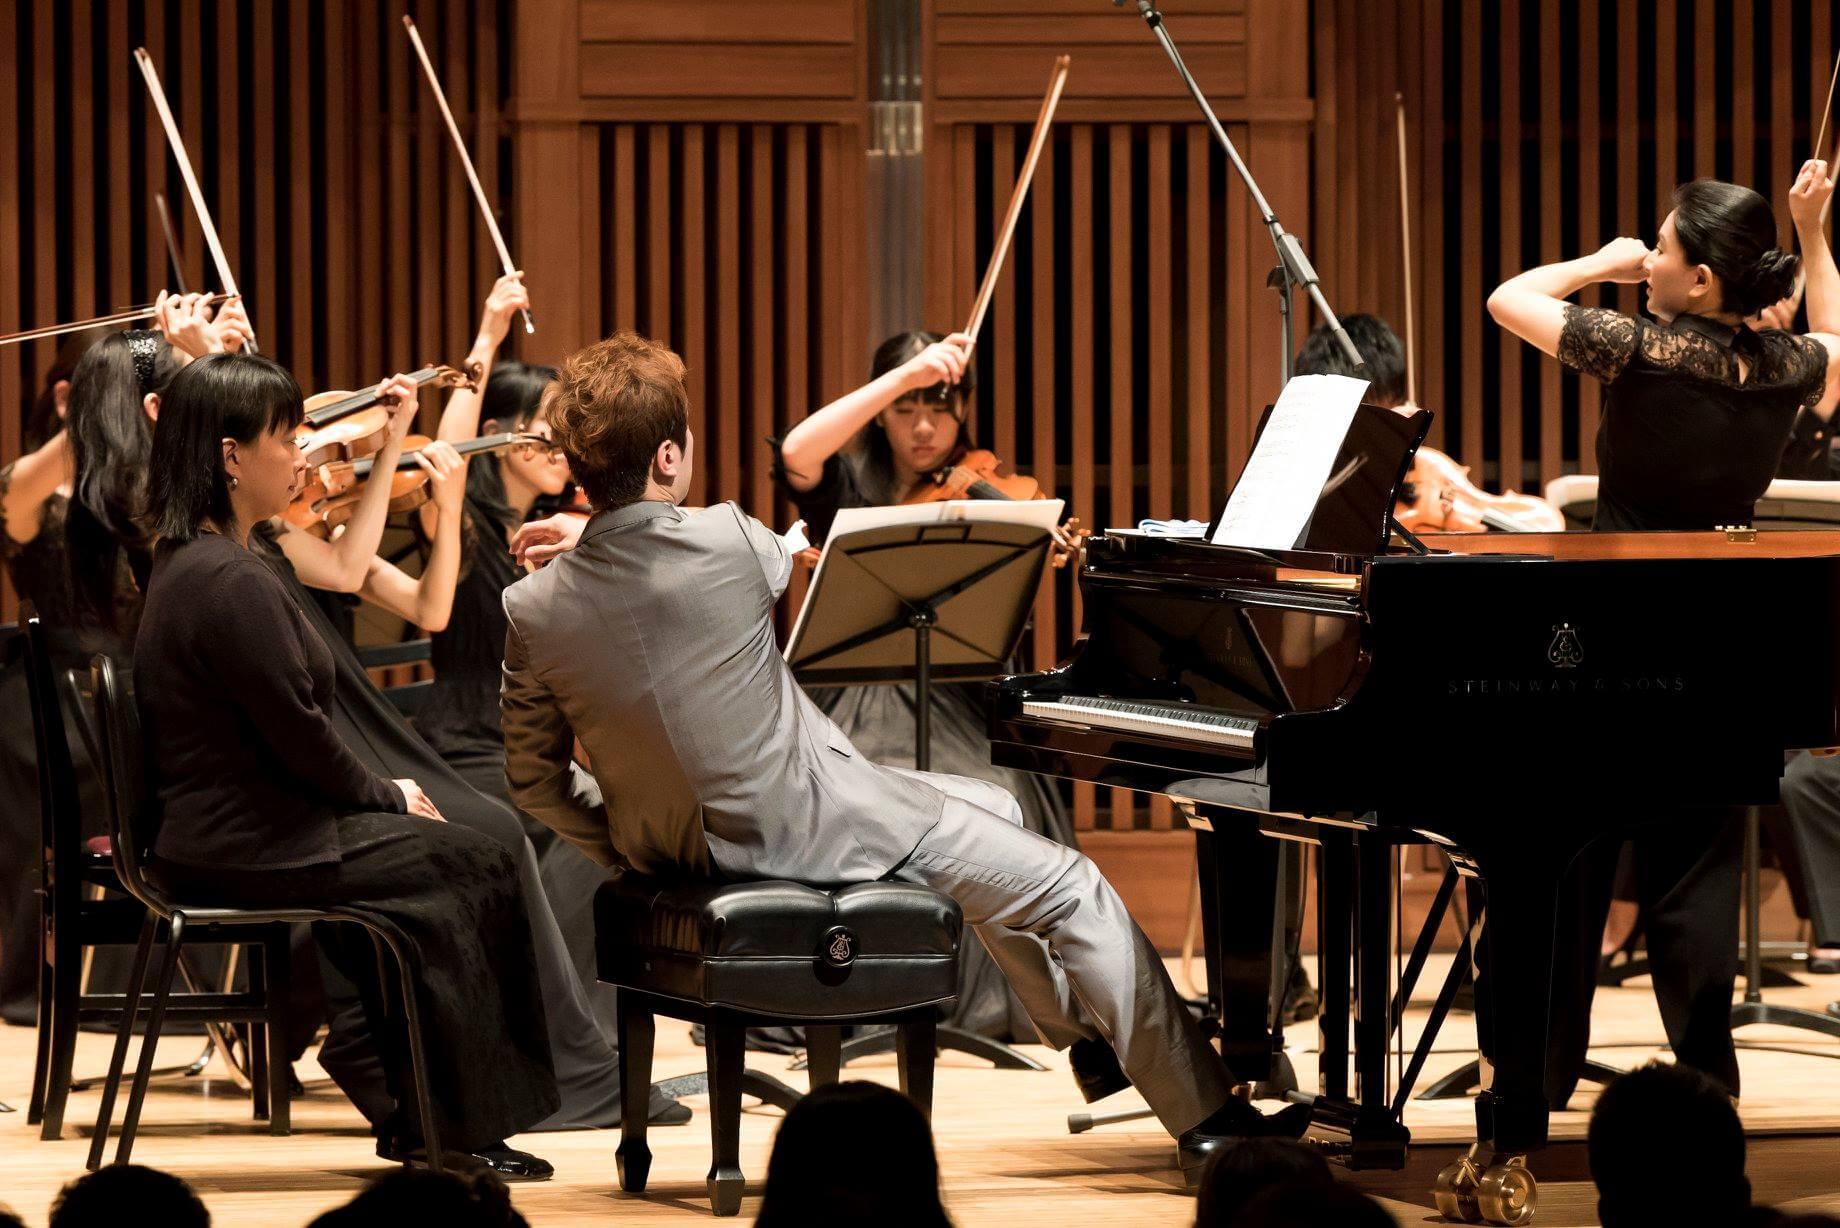 日本クロアチア音楽協会例会 安達朋博ピアノ、長谷川ゆき指揮、コモルニ・アンサンブル・トウキョウ